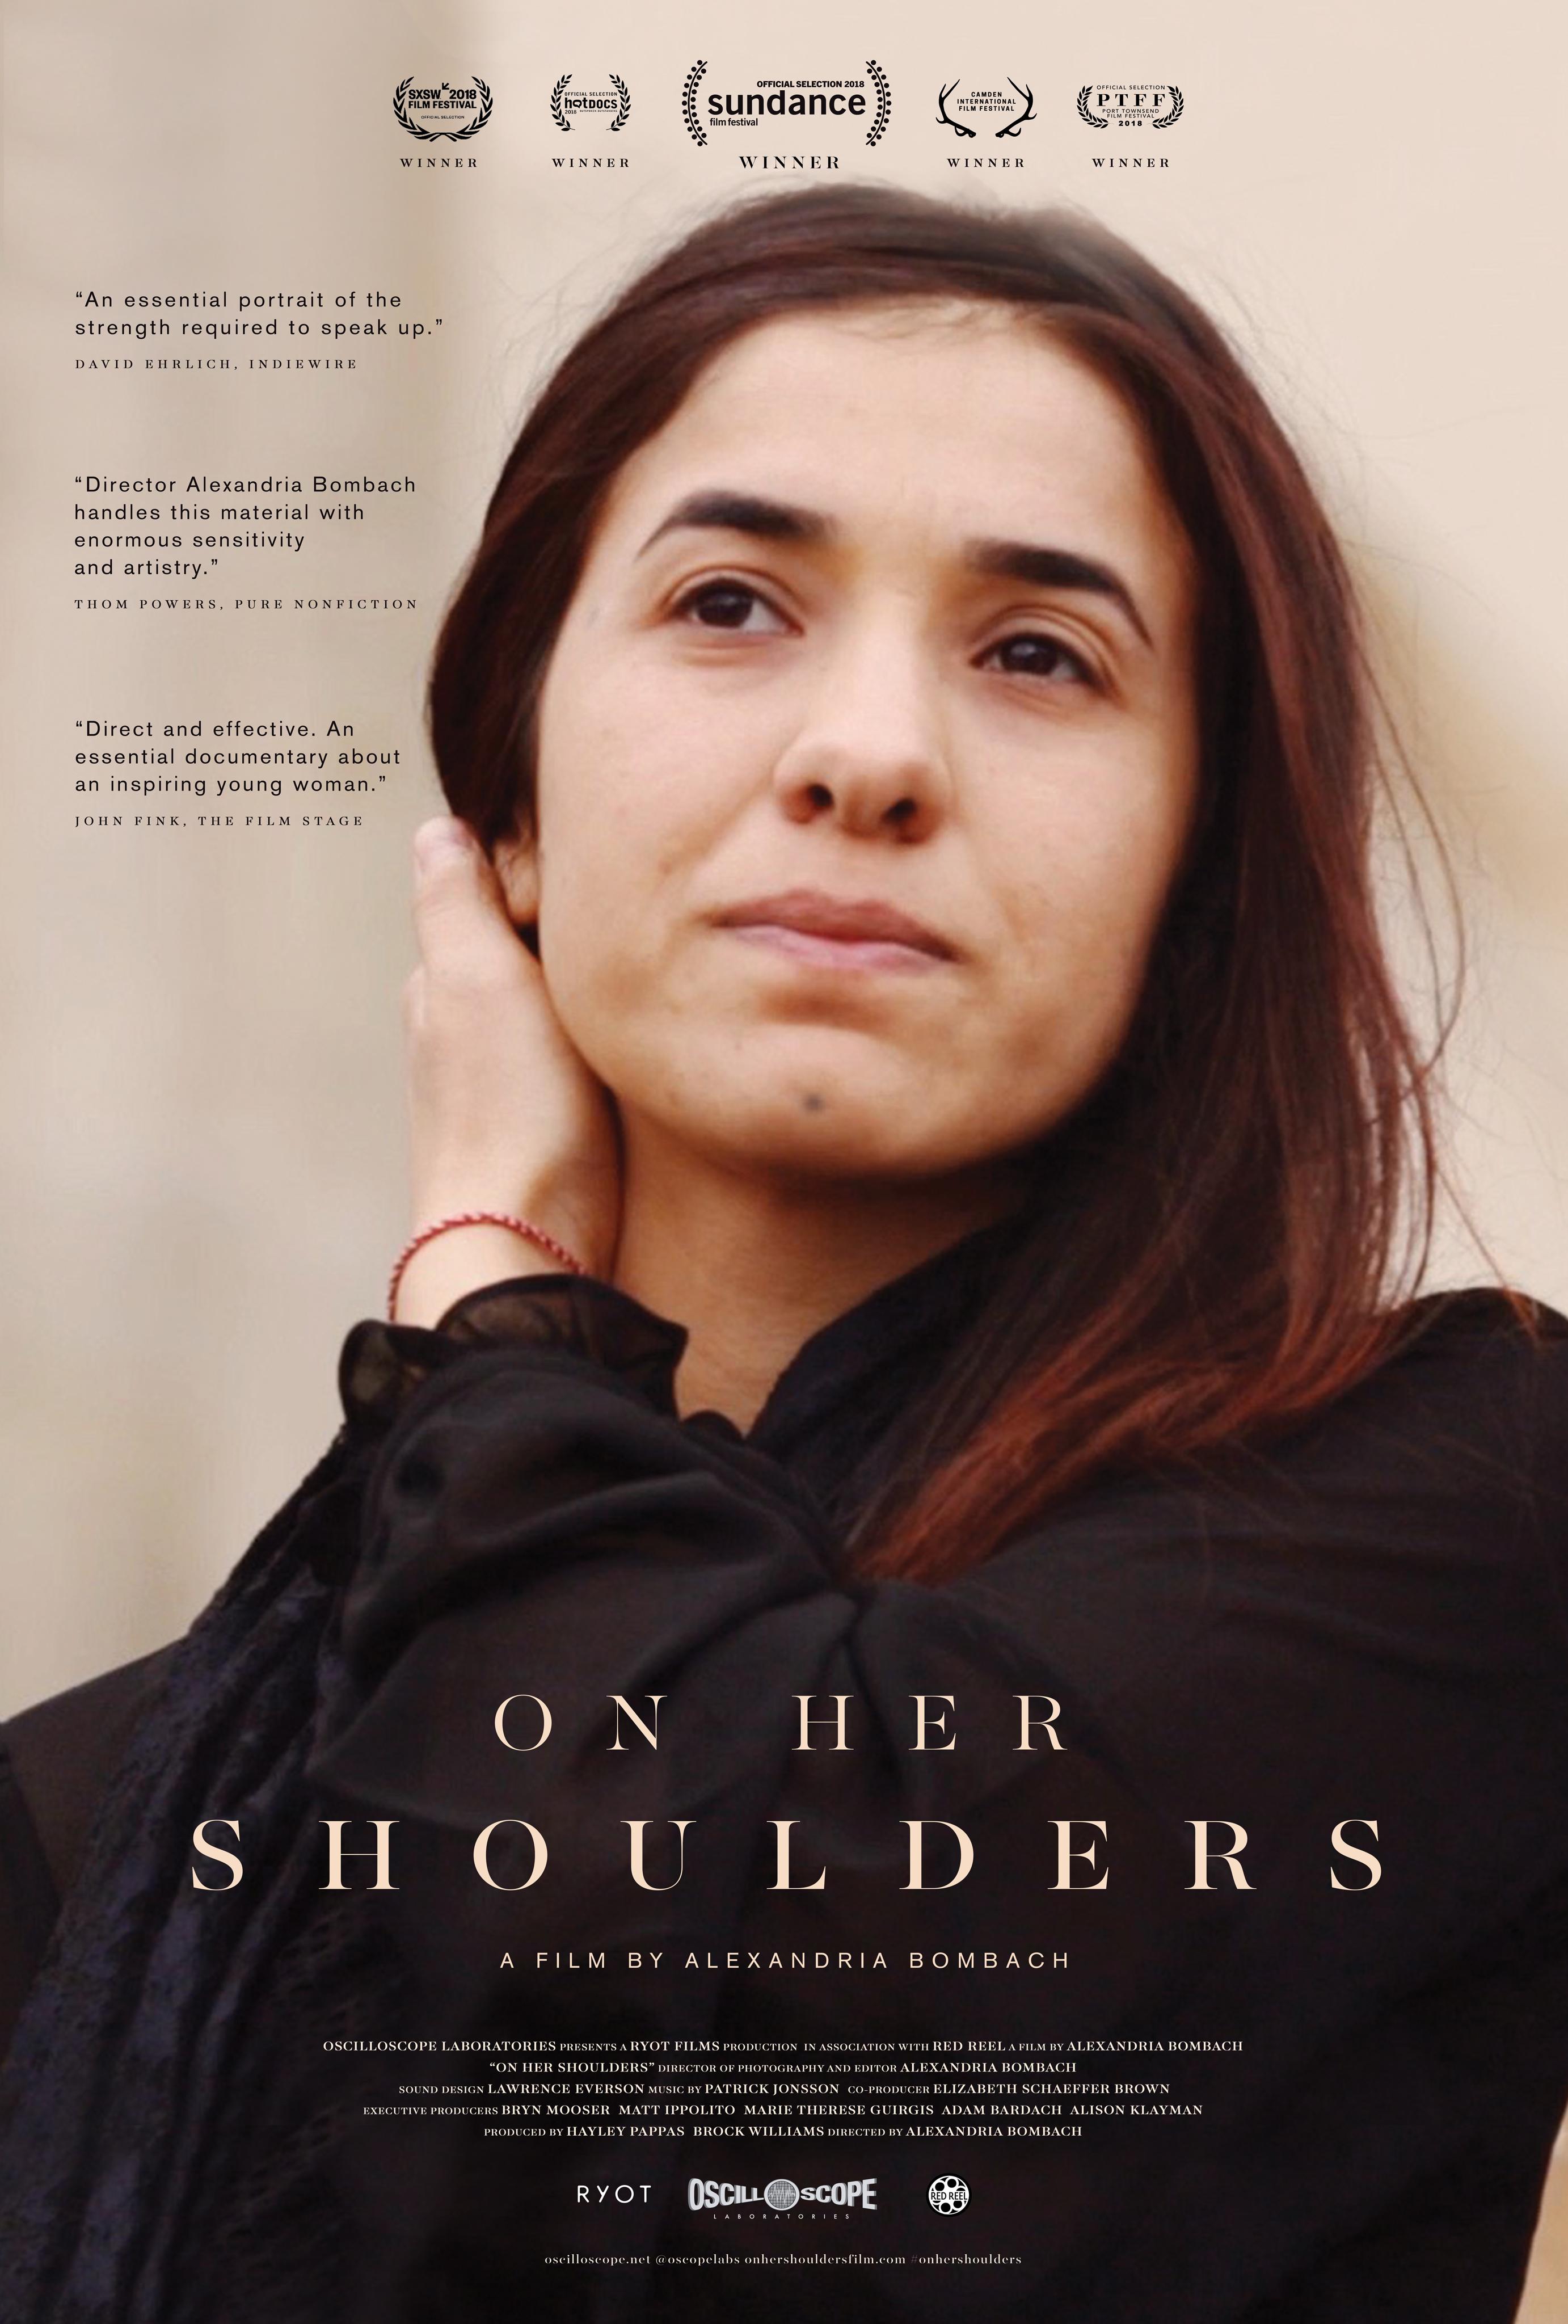 On Her Shoulders 2018 Imdb